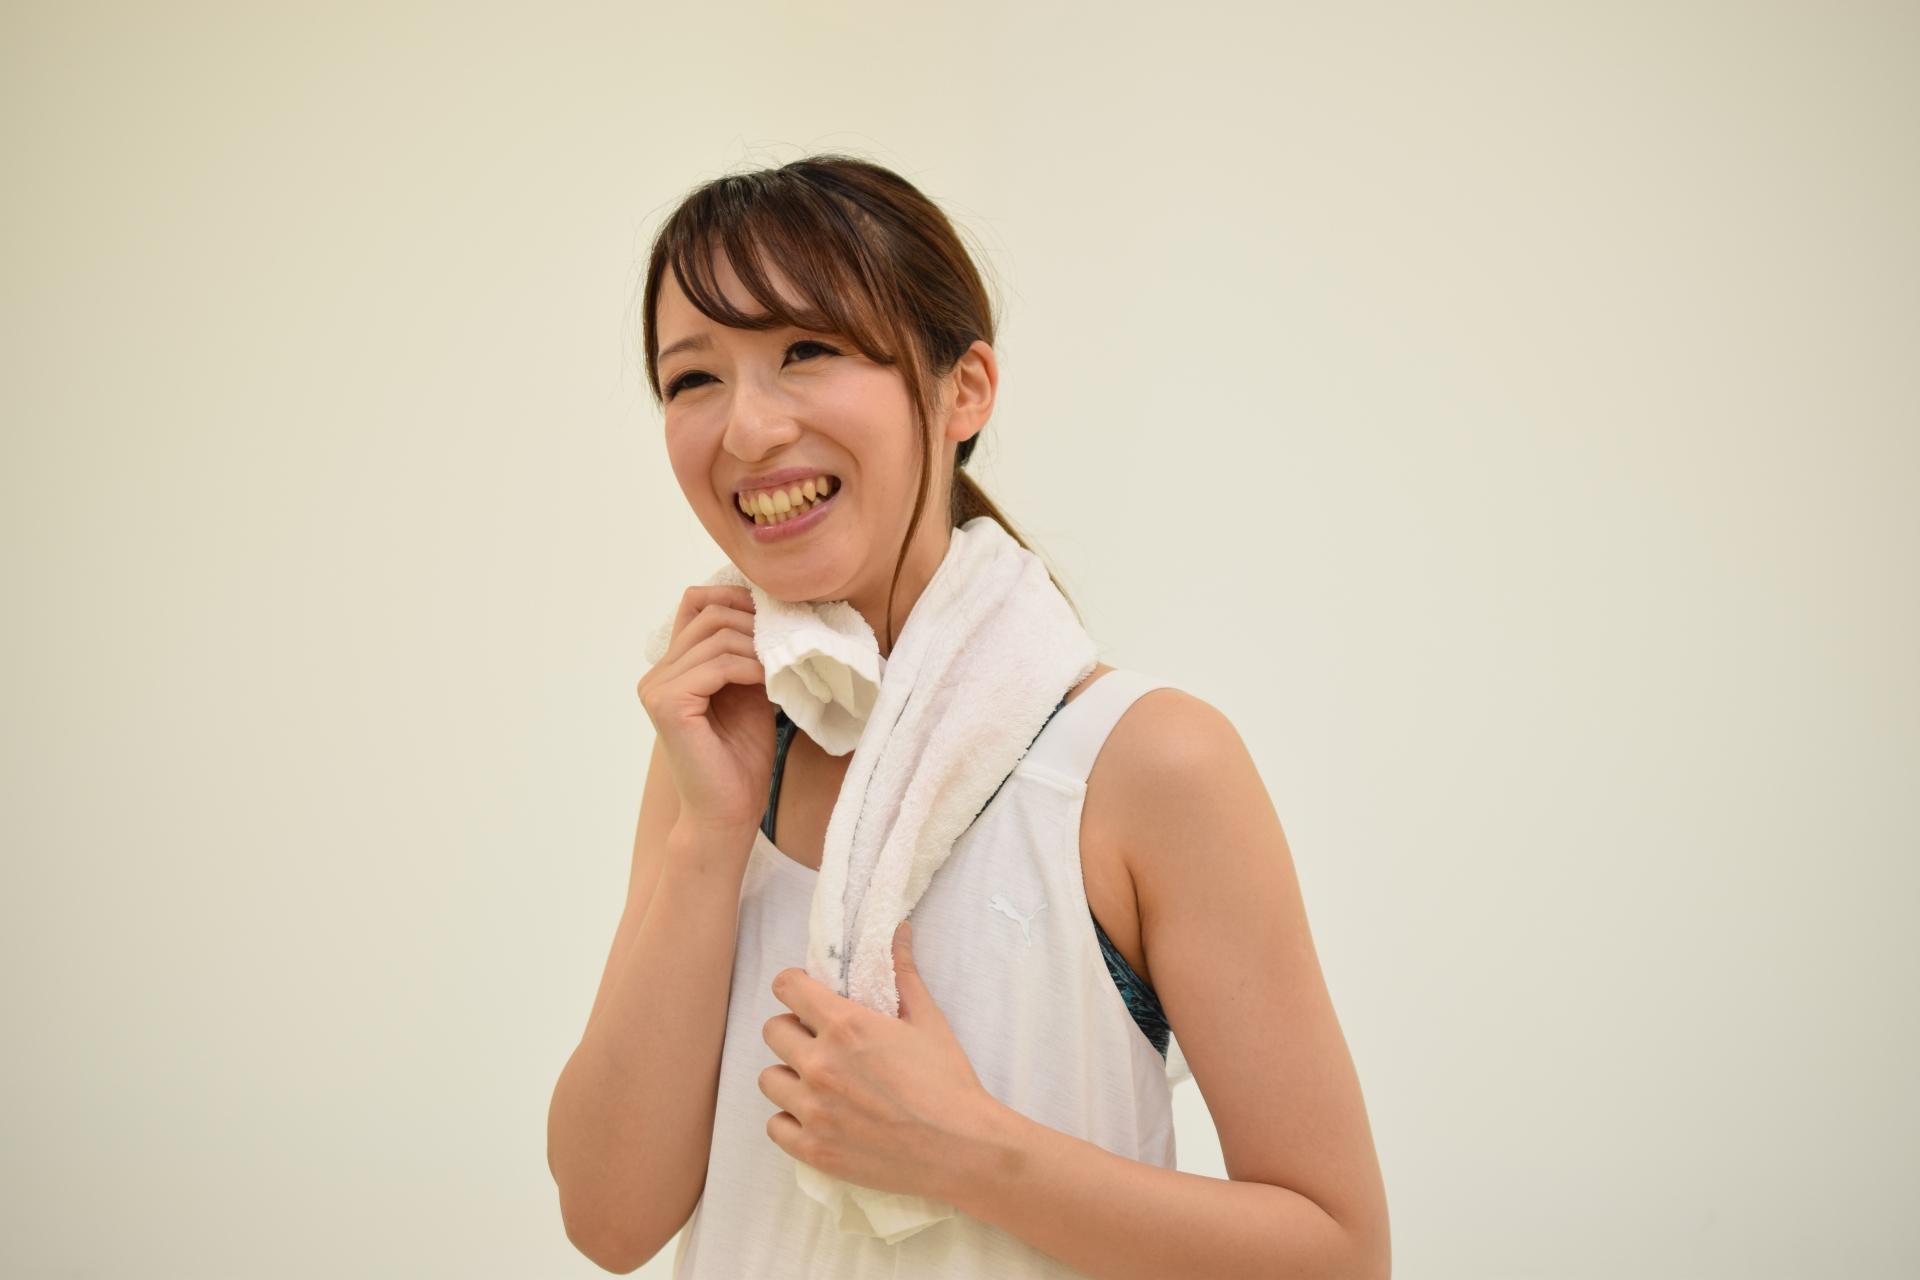 汗をかく運動をする女性